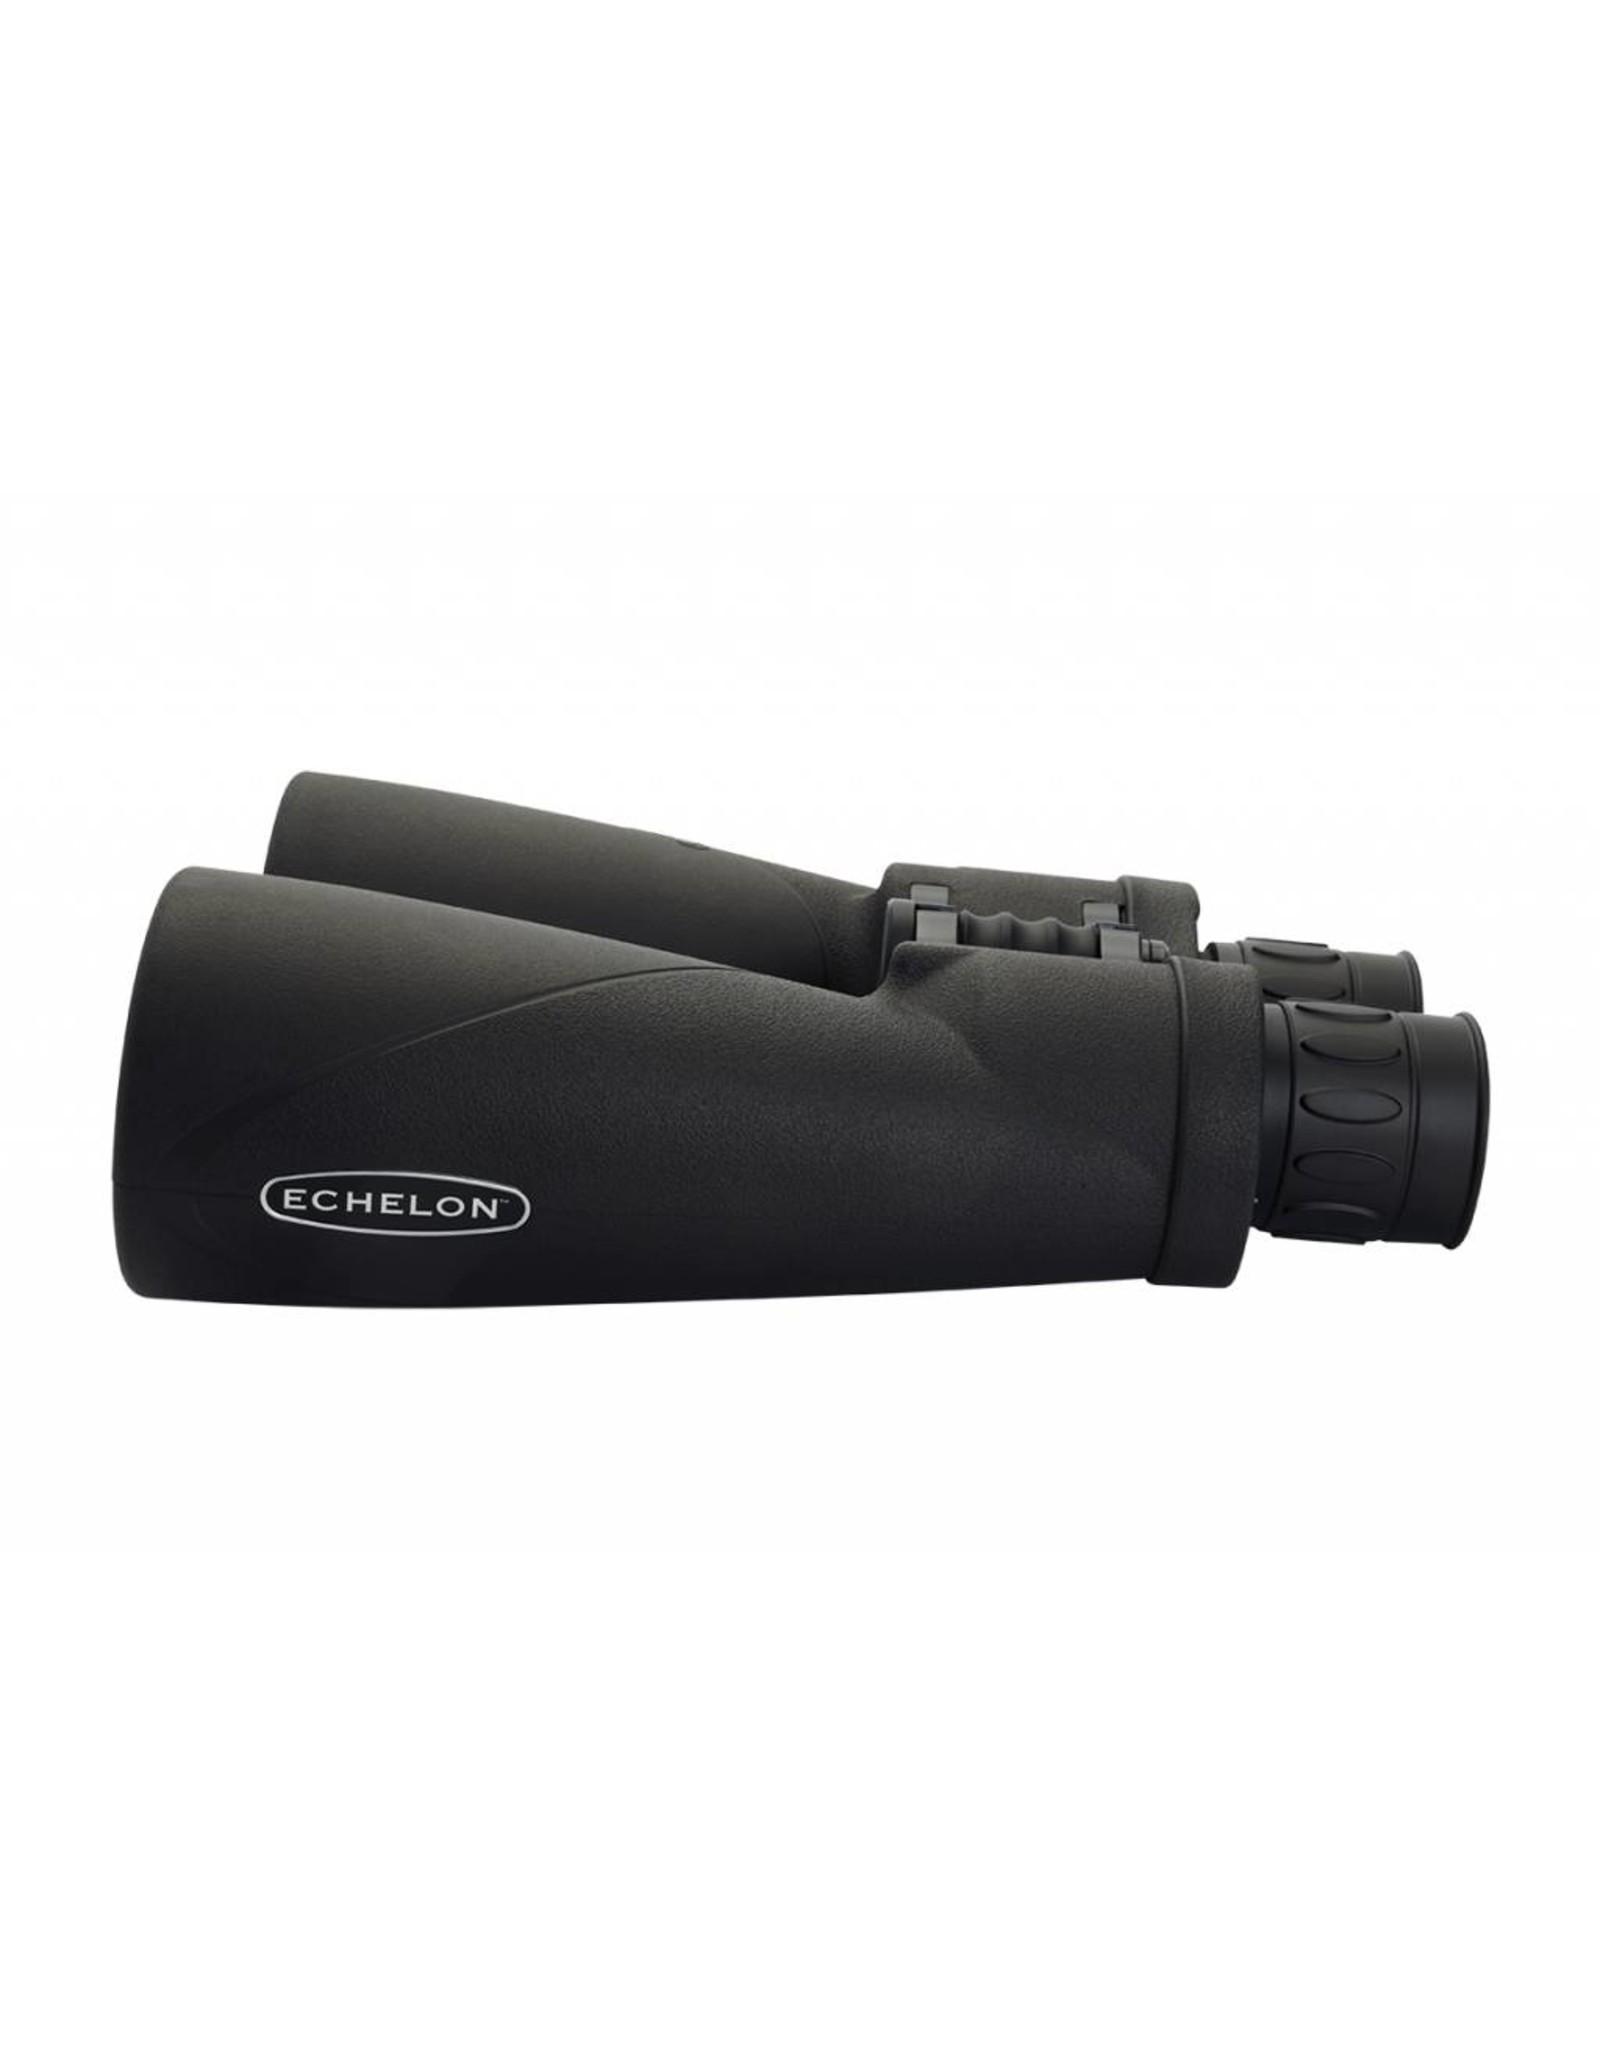 Celestron Celestron Echelon 20x70 Binocular